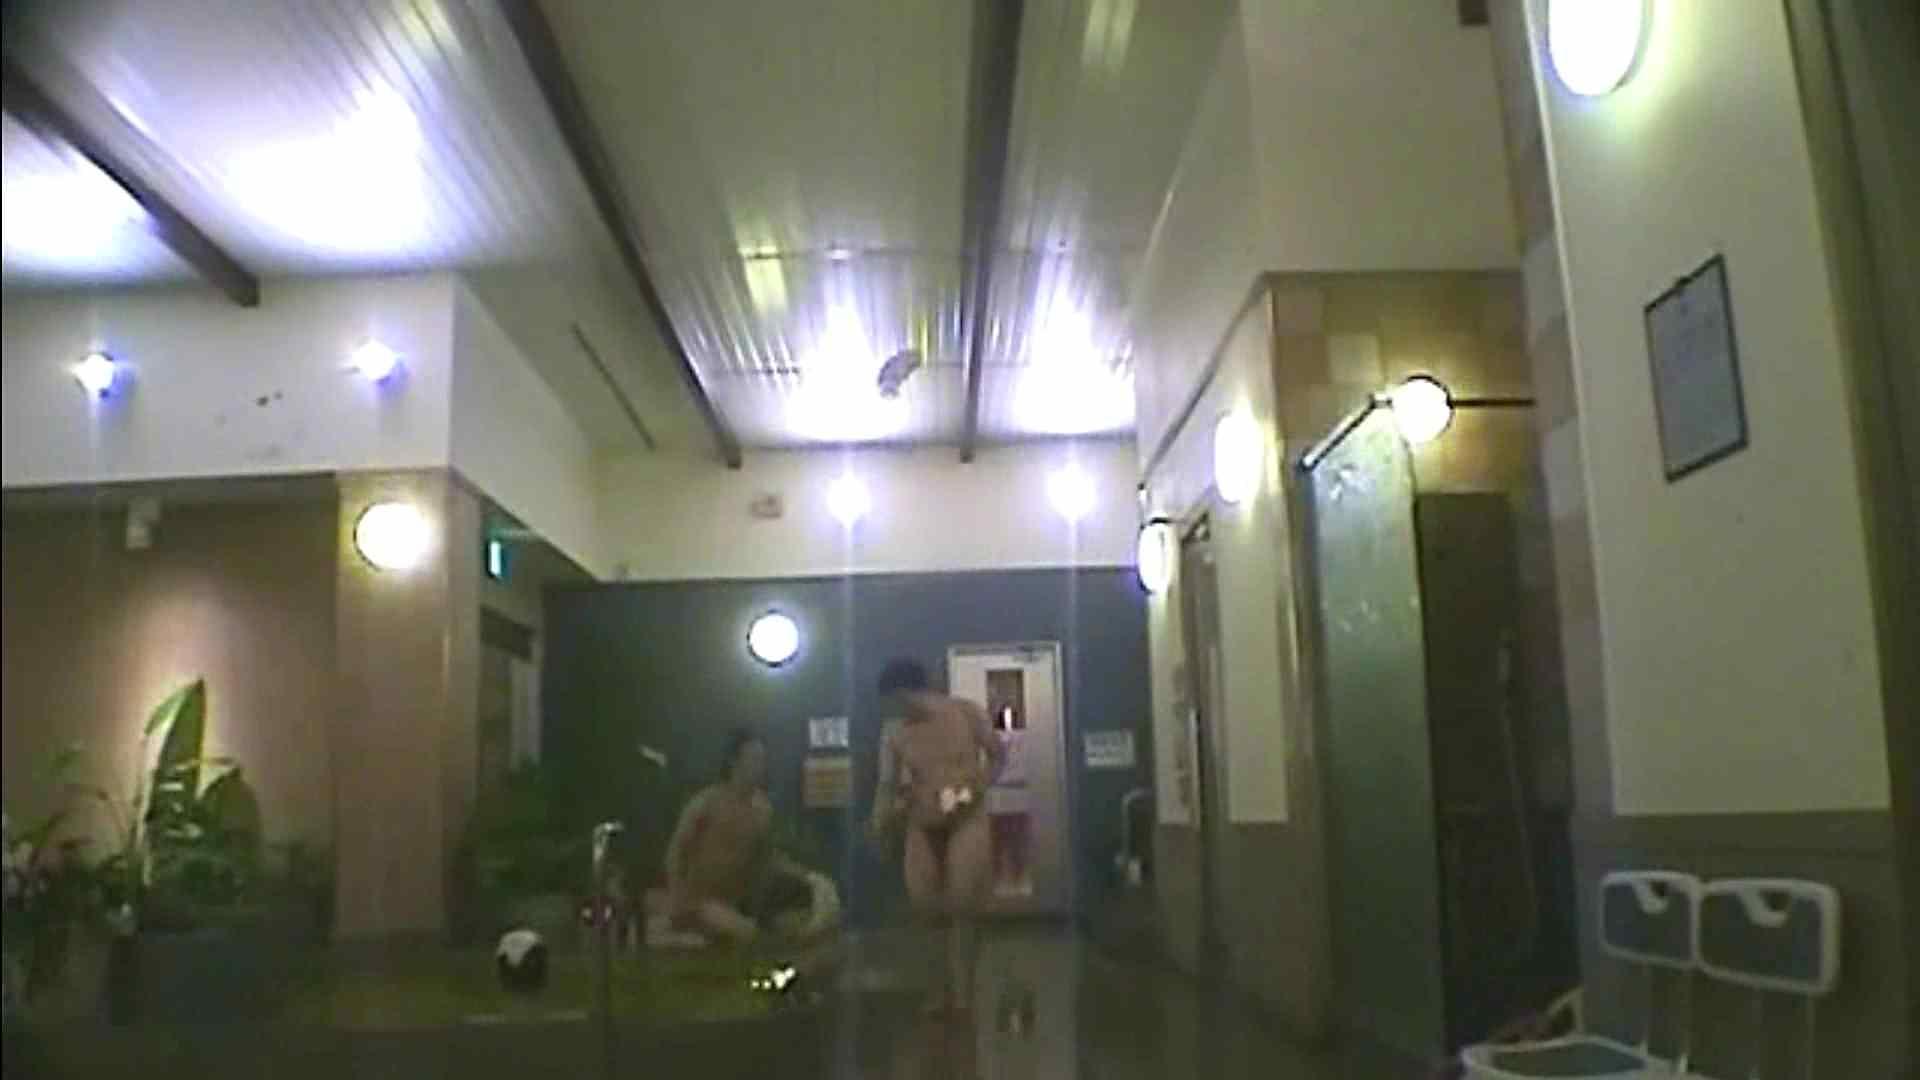 男風呂覗かせていただきます。Vol.02 サル系ボーイズ | ボーイズチンコ  93pic 85